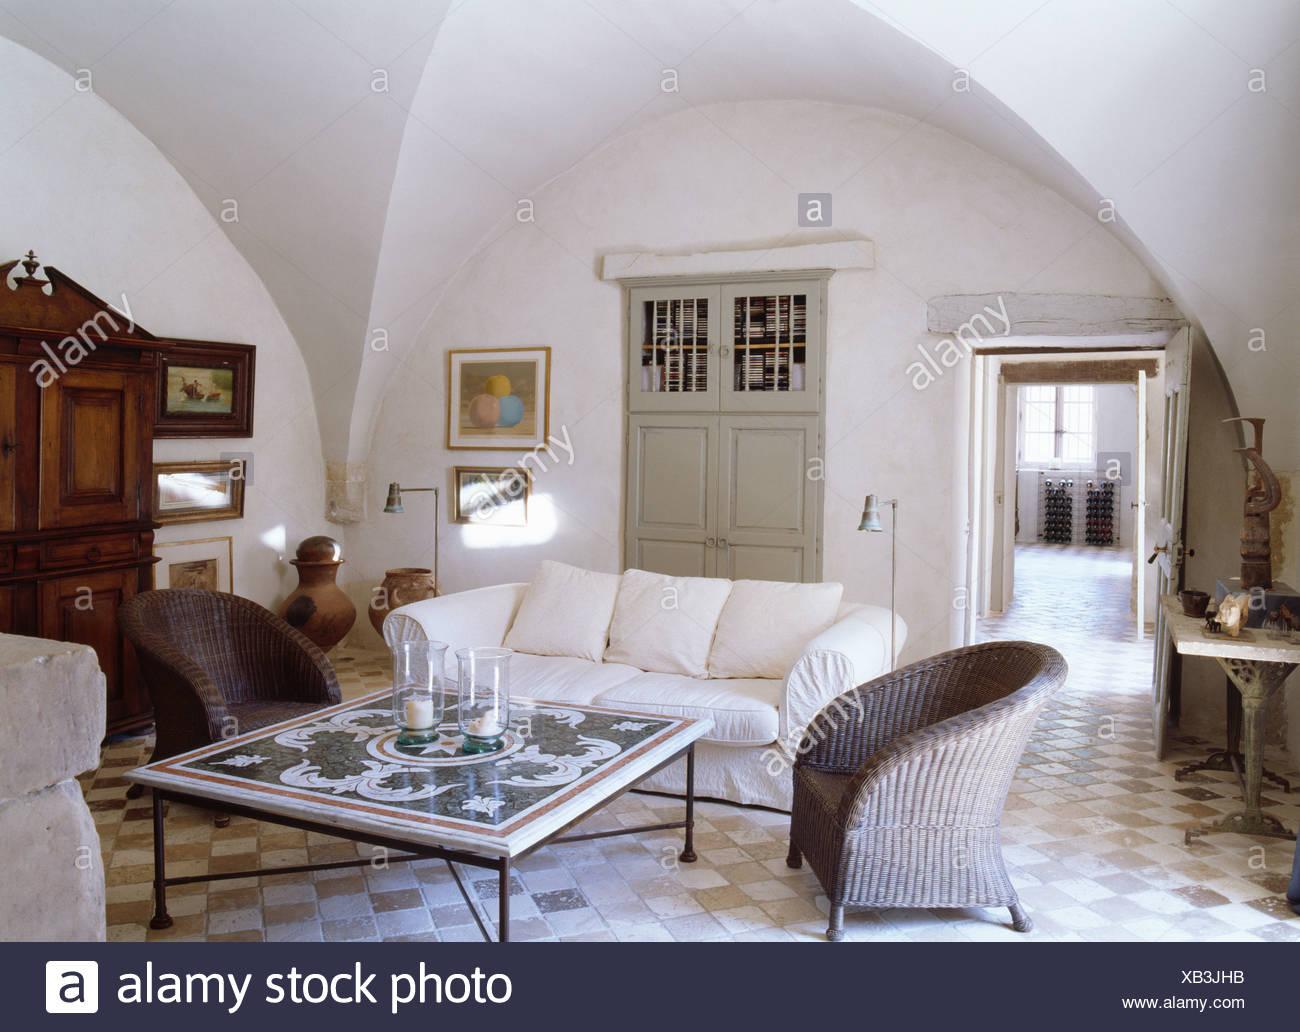 Grigio poltrone in vimini e divano bianco piastrellate intorno a un